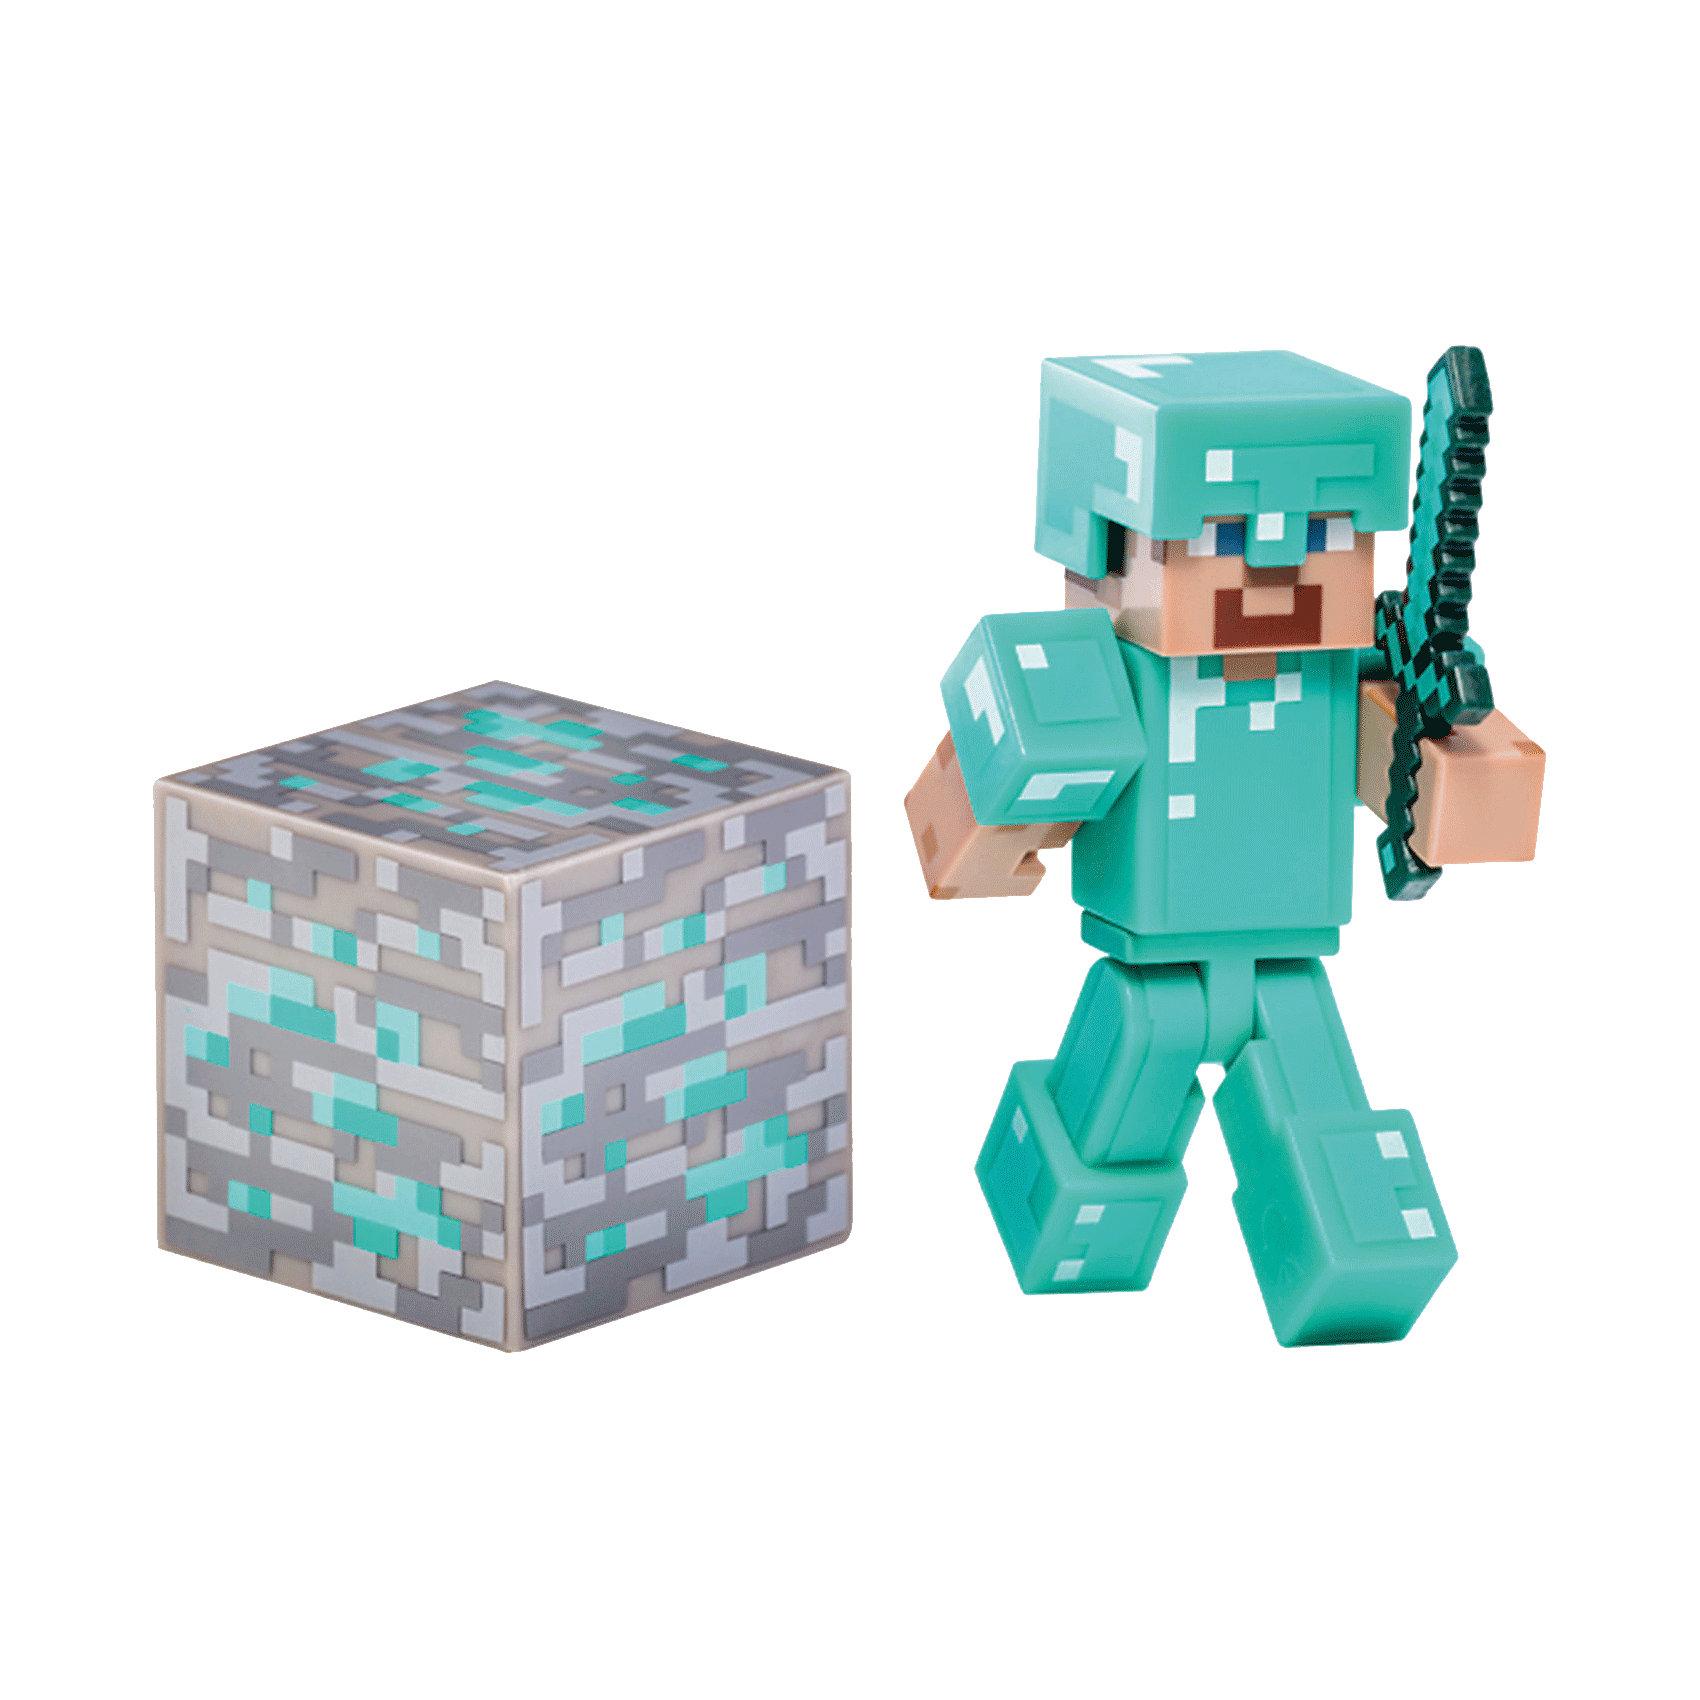 Фигурка Стив, 8см, MinecraftФигурка Стив, 8см, Minecraft (Майнкрафт) – это игровой набор, выполненный по мотивам культовой игры Майнкрафт.<br>Поклонники игры Minecraft по достоинству оценят игрушку – фигурку Стива с аксессуарами. Стив популярный персонаж Minecraft одет в доспехи бирюзового цвета. Фигурка полностью подвижная, шлем снимается. В комплект входит кубик алмаза и меч, который вкладывается в руку. Этот набор превосходно подойдет в качестве подарка ребенку или фанату игры Minecraft. В процессе игры ребенок будет выдумывать различные сюжеты, развивая свое воображение. Игрушка сделана из качественного и безопасного пластика.<br><br>Дополнительная информация:<br><br>- В комплекте: фигурка Стива, меч, кубик<br>- Материал: высококачественный пластик<br>- Размер: 8 см.<br>- Размер упаковки: 18 x 15 x 3 см.<br><br>Фигурку Стив, 8см, Minecraft (Майнкрафт) можно купить в нашем интернет-магазине.<br><br>Ширина мм: 178<br>Глубина мм: 145<br>Высота мм: 52<br>Вес г: 76<br>Возраст от месяцев: 72<br>Возраст до месяцев: 120<br>Пол: Мужской<br>Возраст: Детский<br>SKU: 4009820